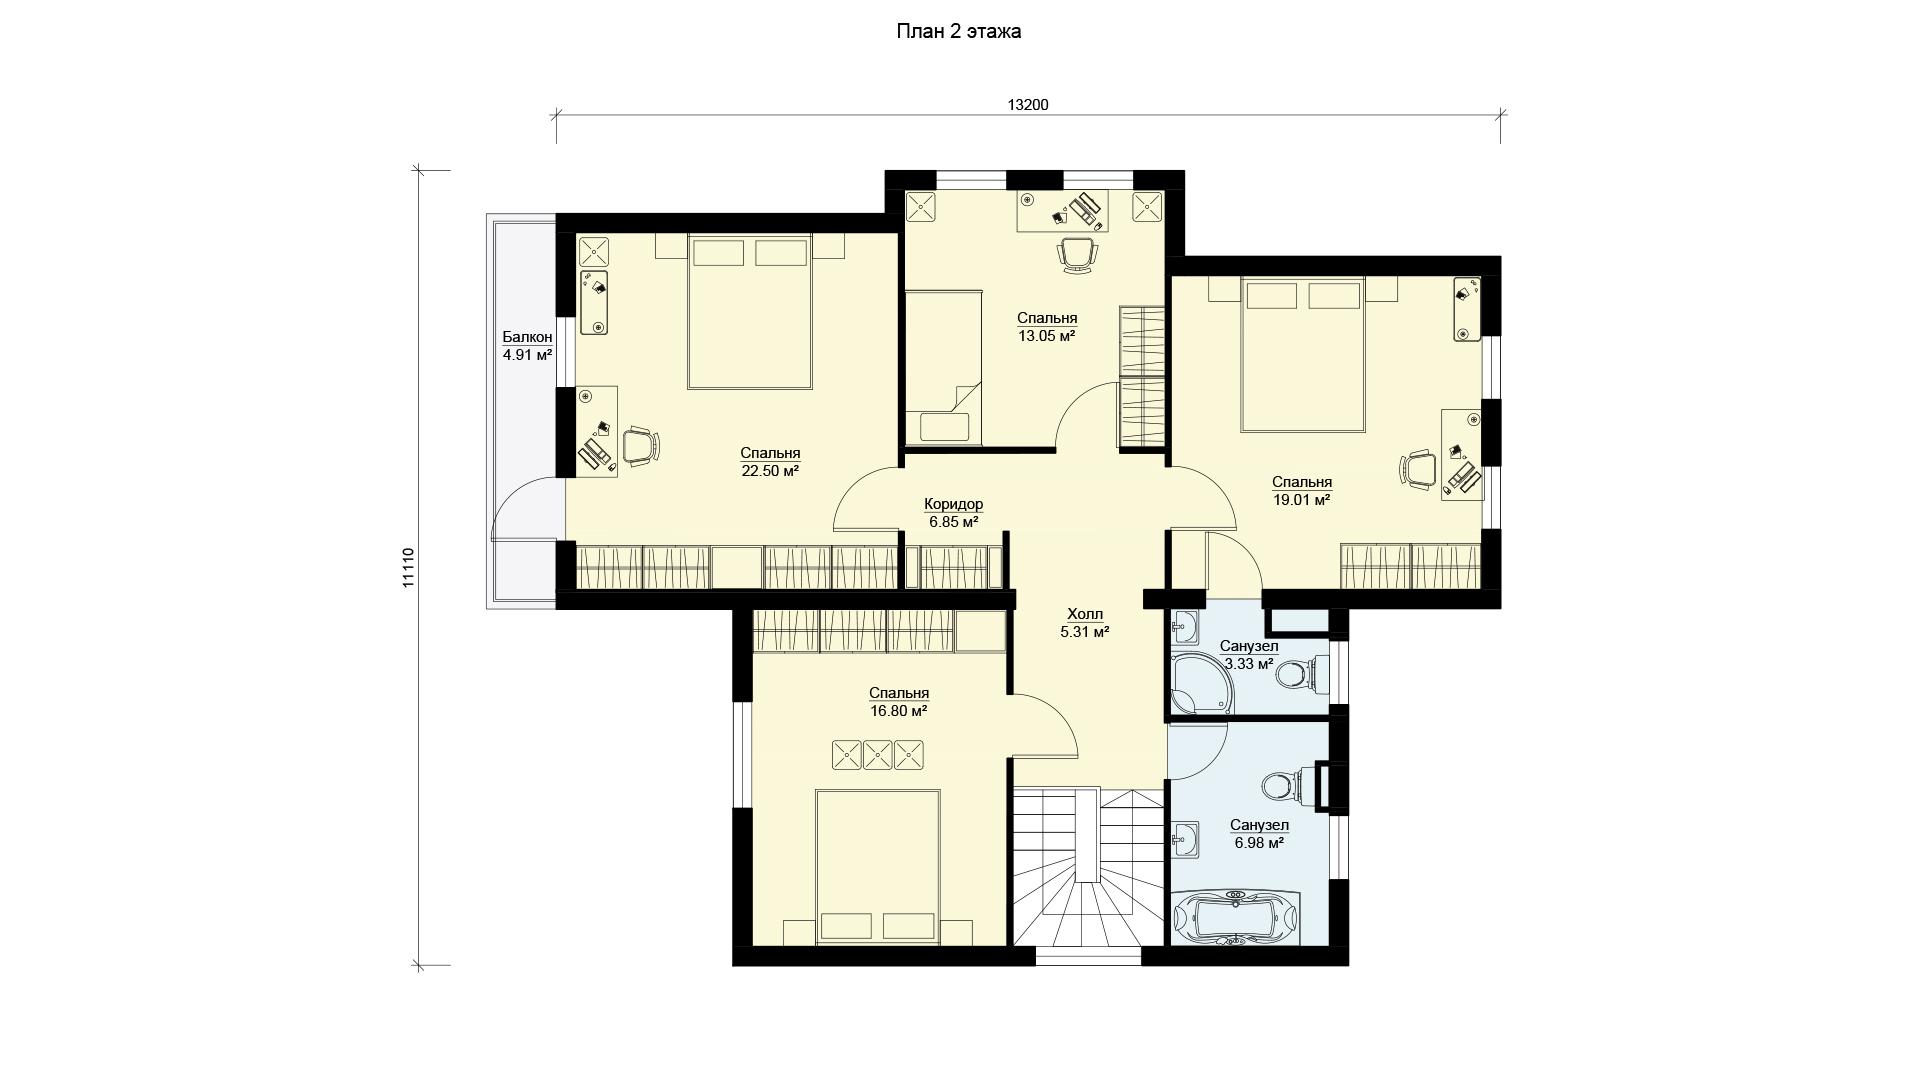 План второго этажа дома в Истринском районе Московской области в коттеджном поселке Берег Песочной.